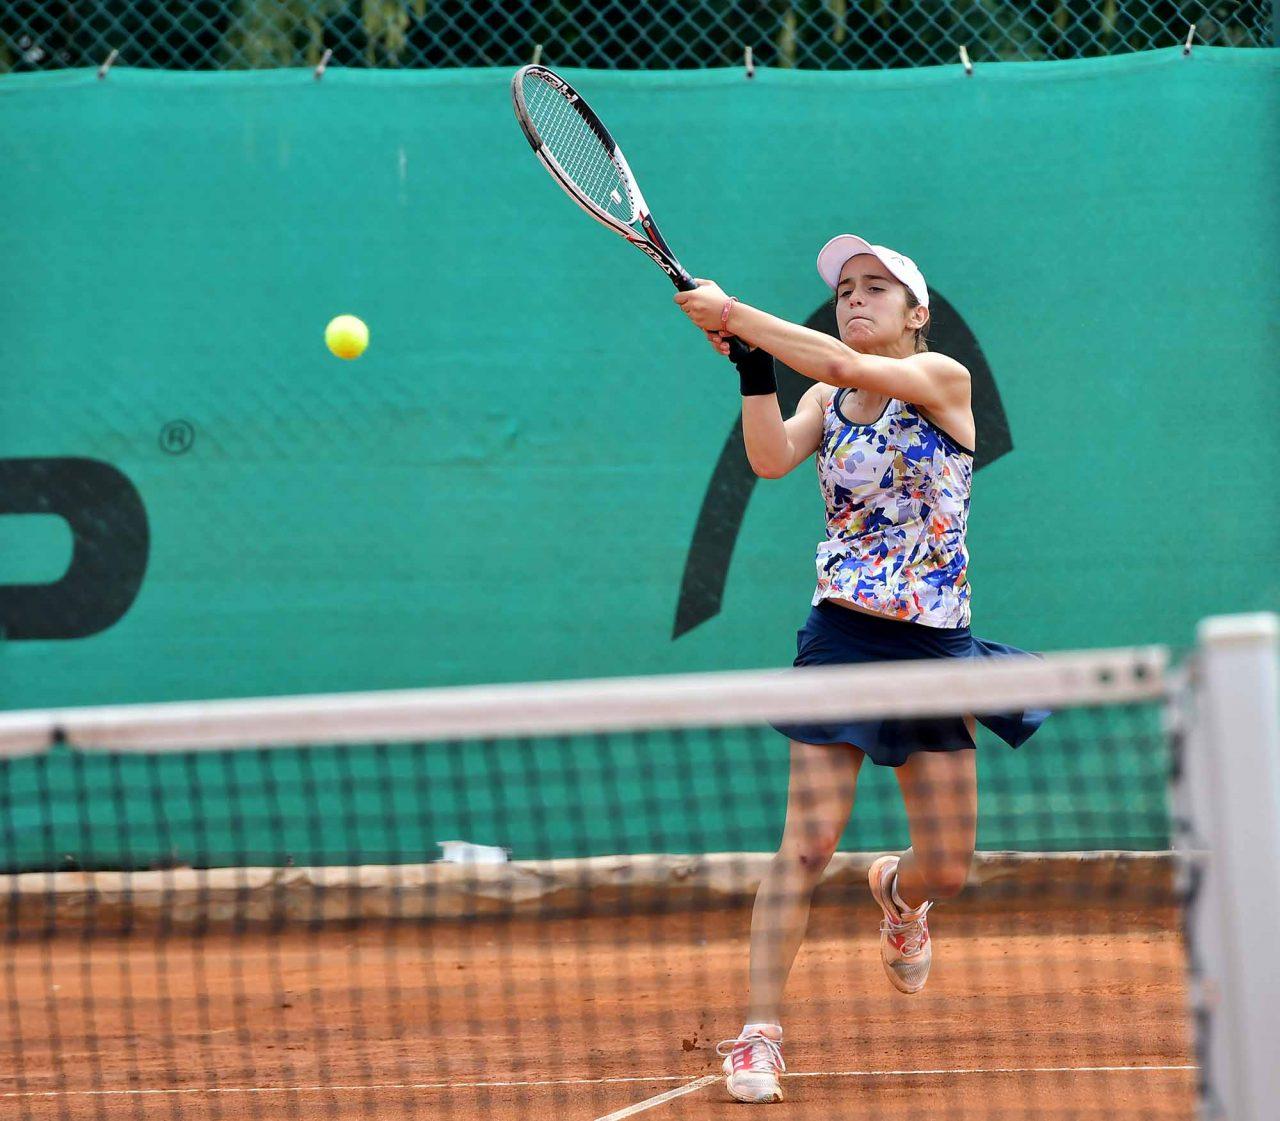 Държавно първенство тенис до 14 год. ТК 15-40 финал двойки (23)